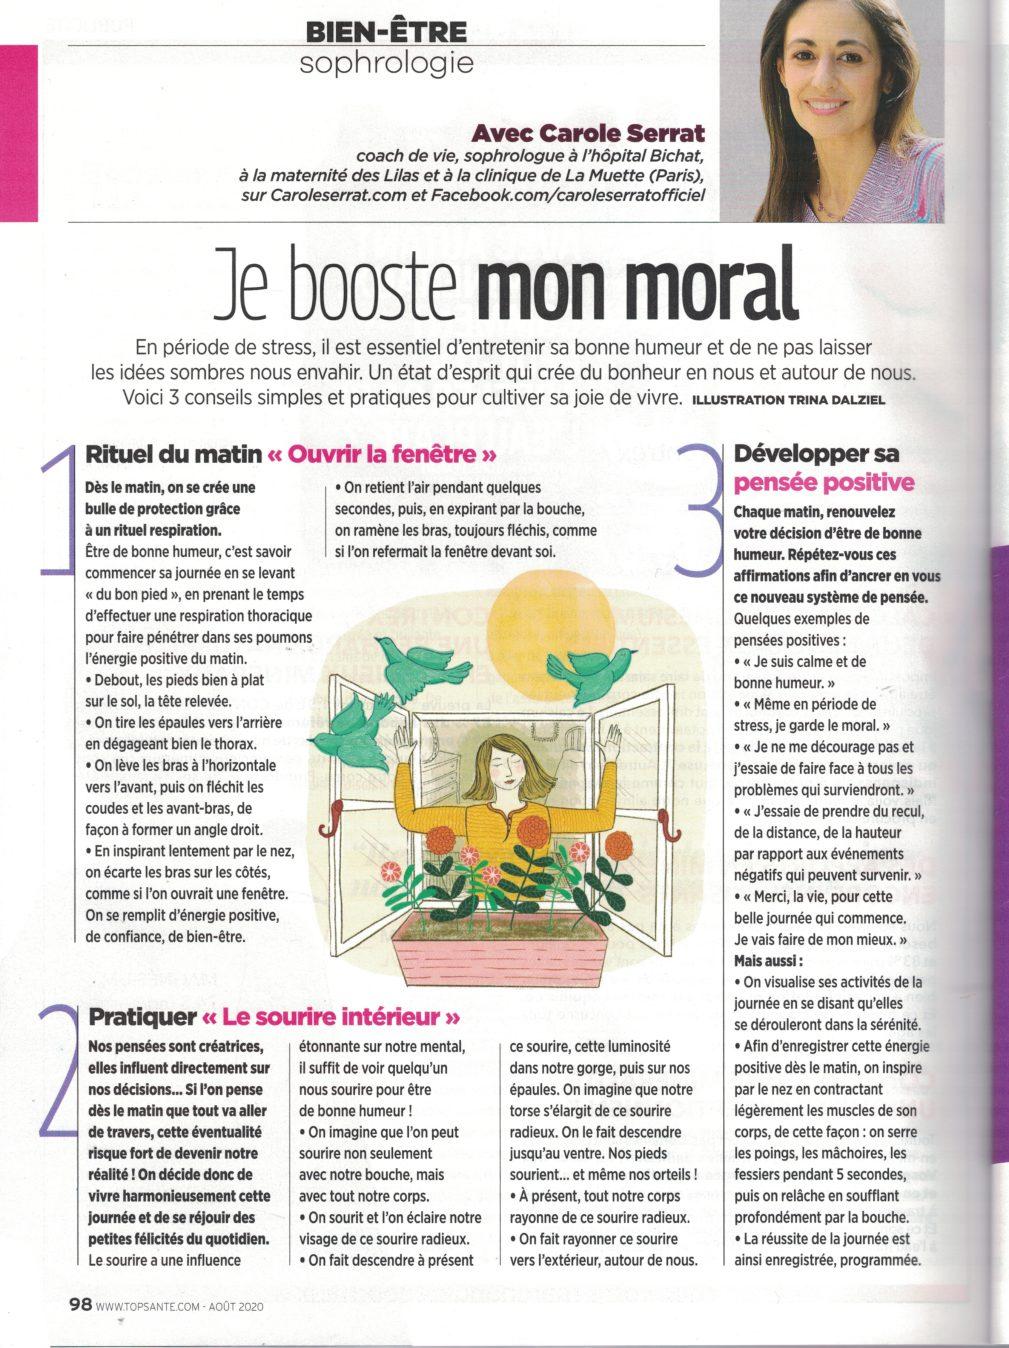 Booster mon moral mon article dans Top santé